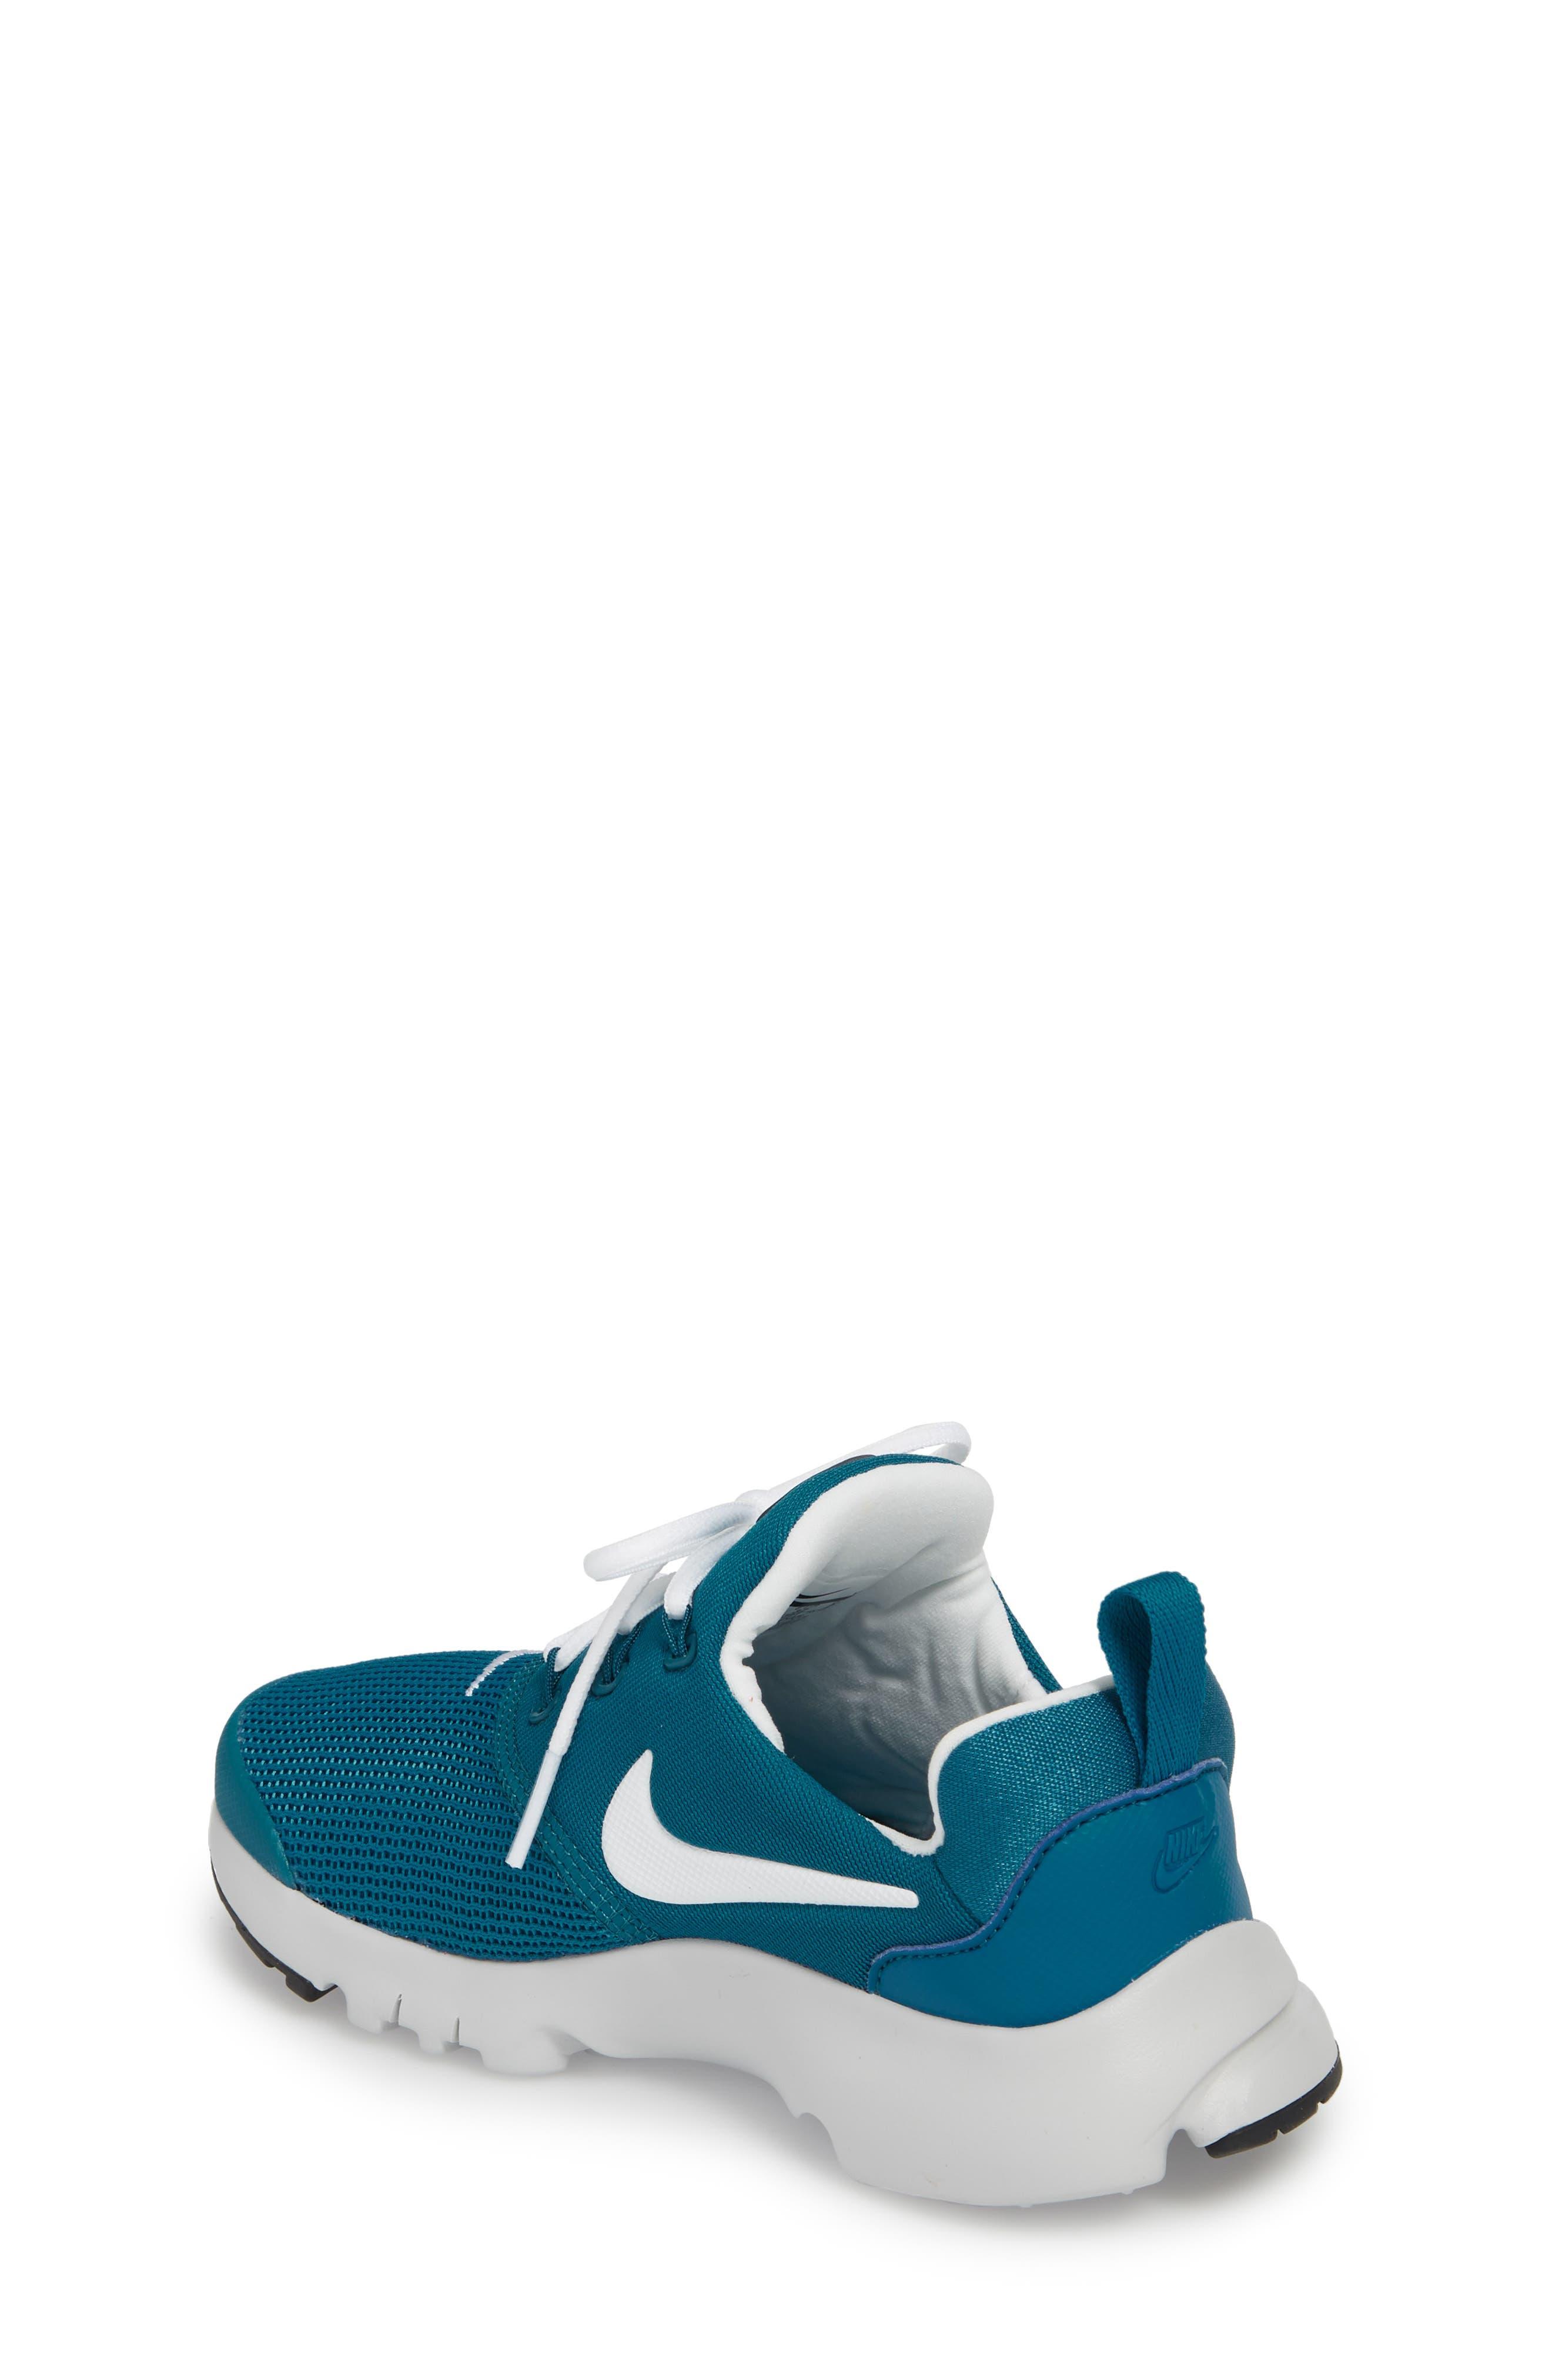 Alternate Image 2  - Nike Presto Fly Sneaker (Toddler & Little Kid)